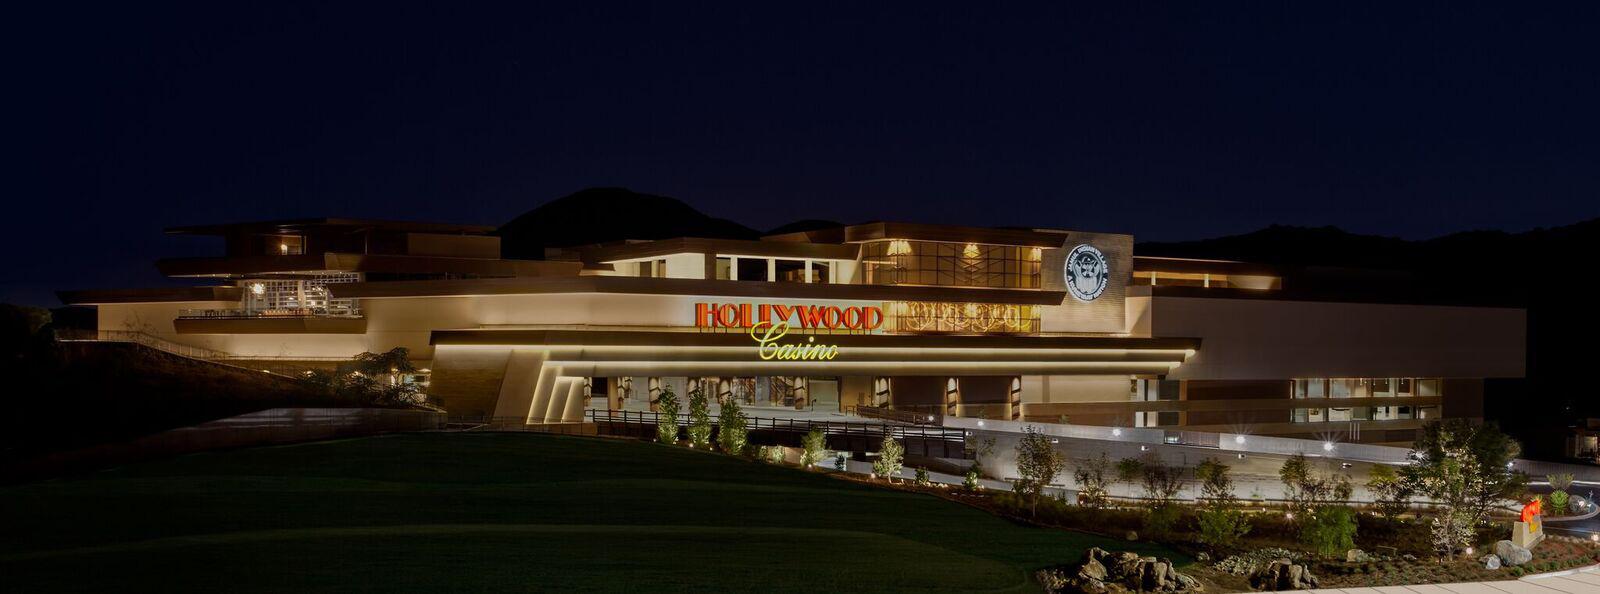 San diego indian casinos jeux de casino online